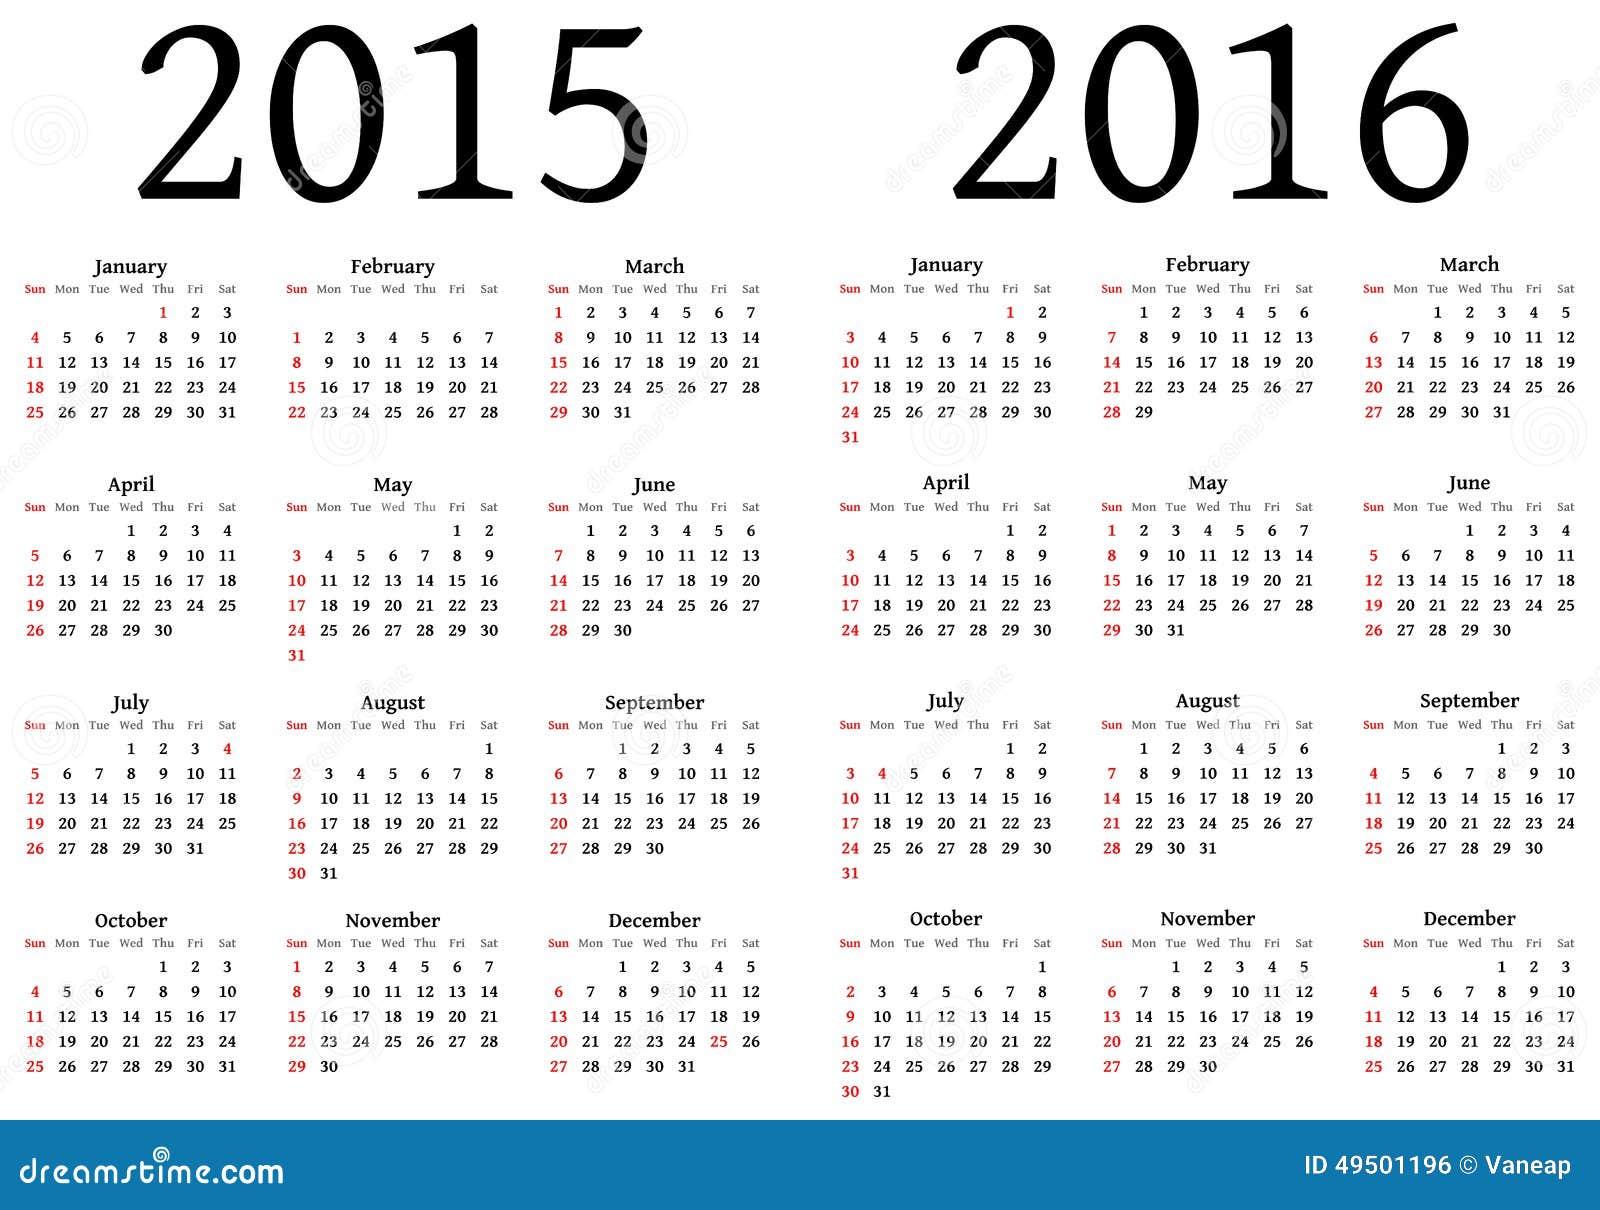 Calendario per 2015 e 2016